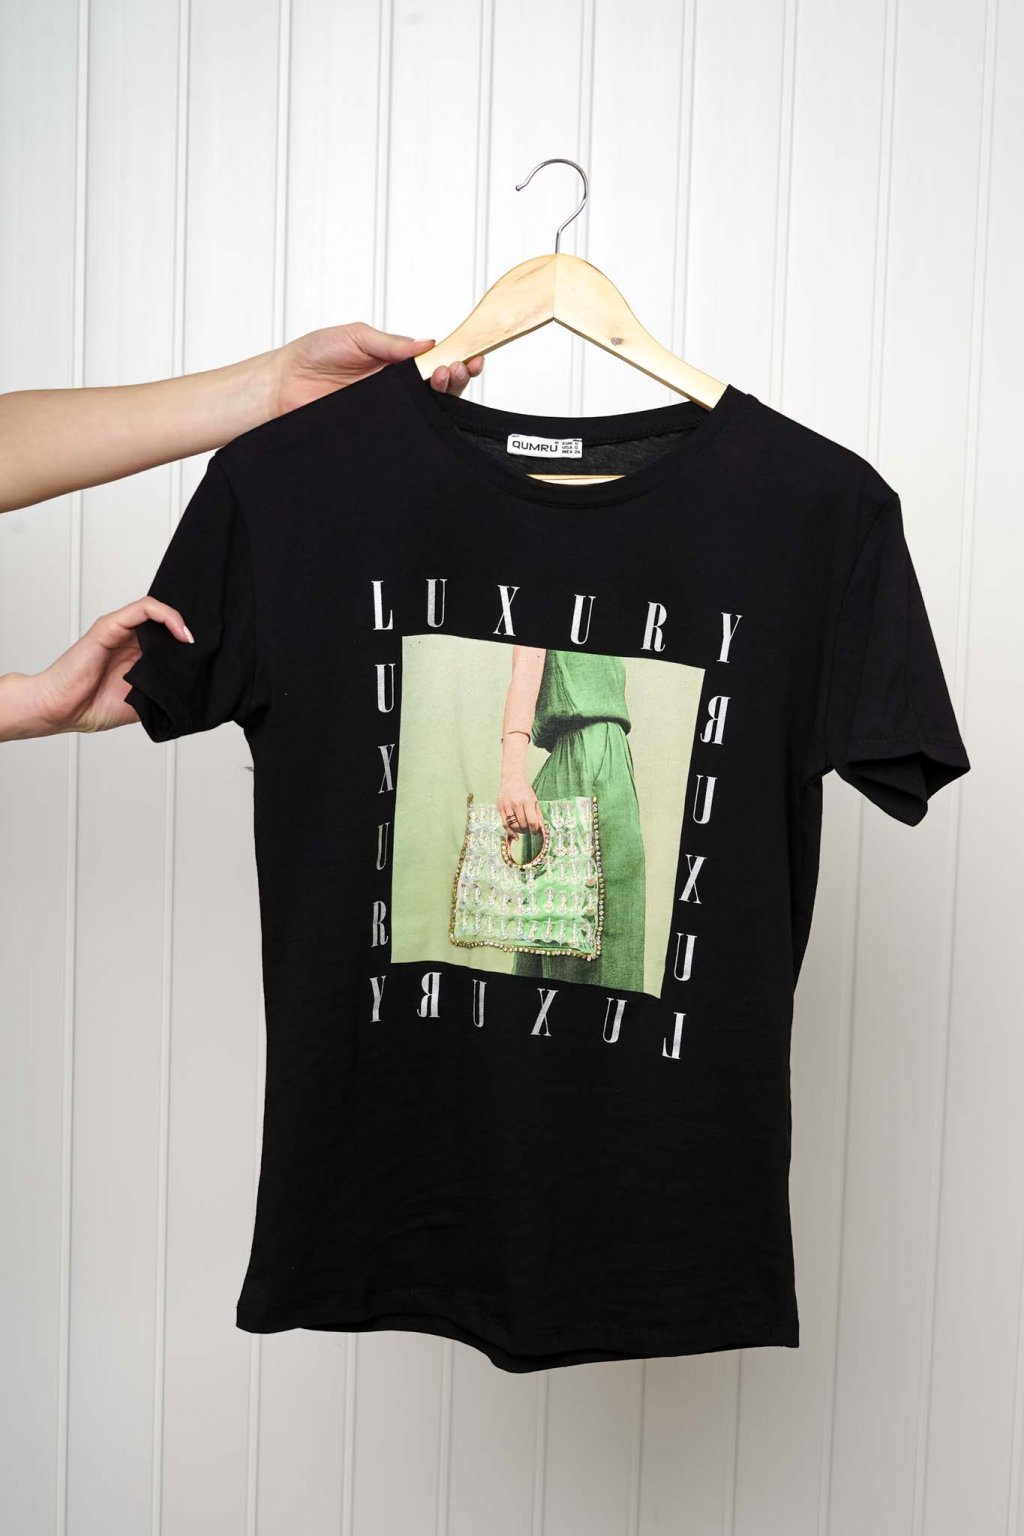 tričko, tričkové šaty, biele, čierne, žlté, vzorované, potlač, vyšívané, nášivky, fialové, street style, 317